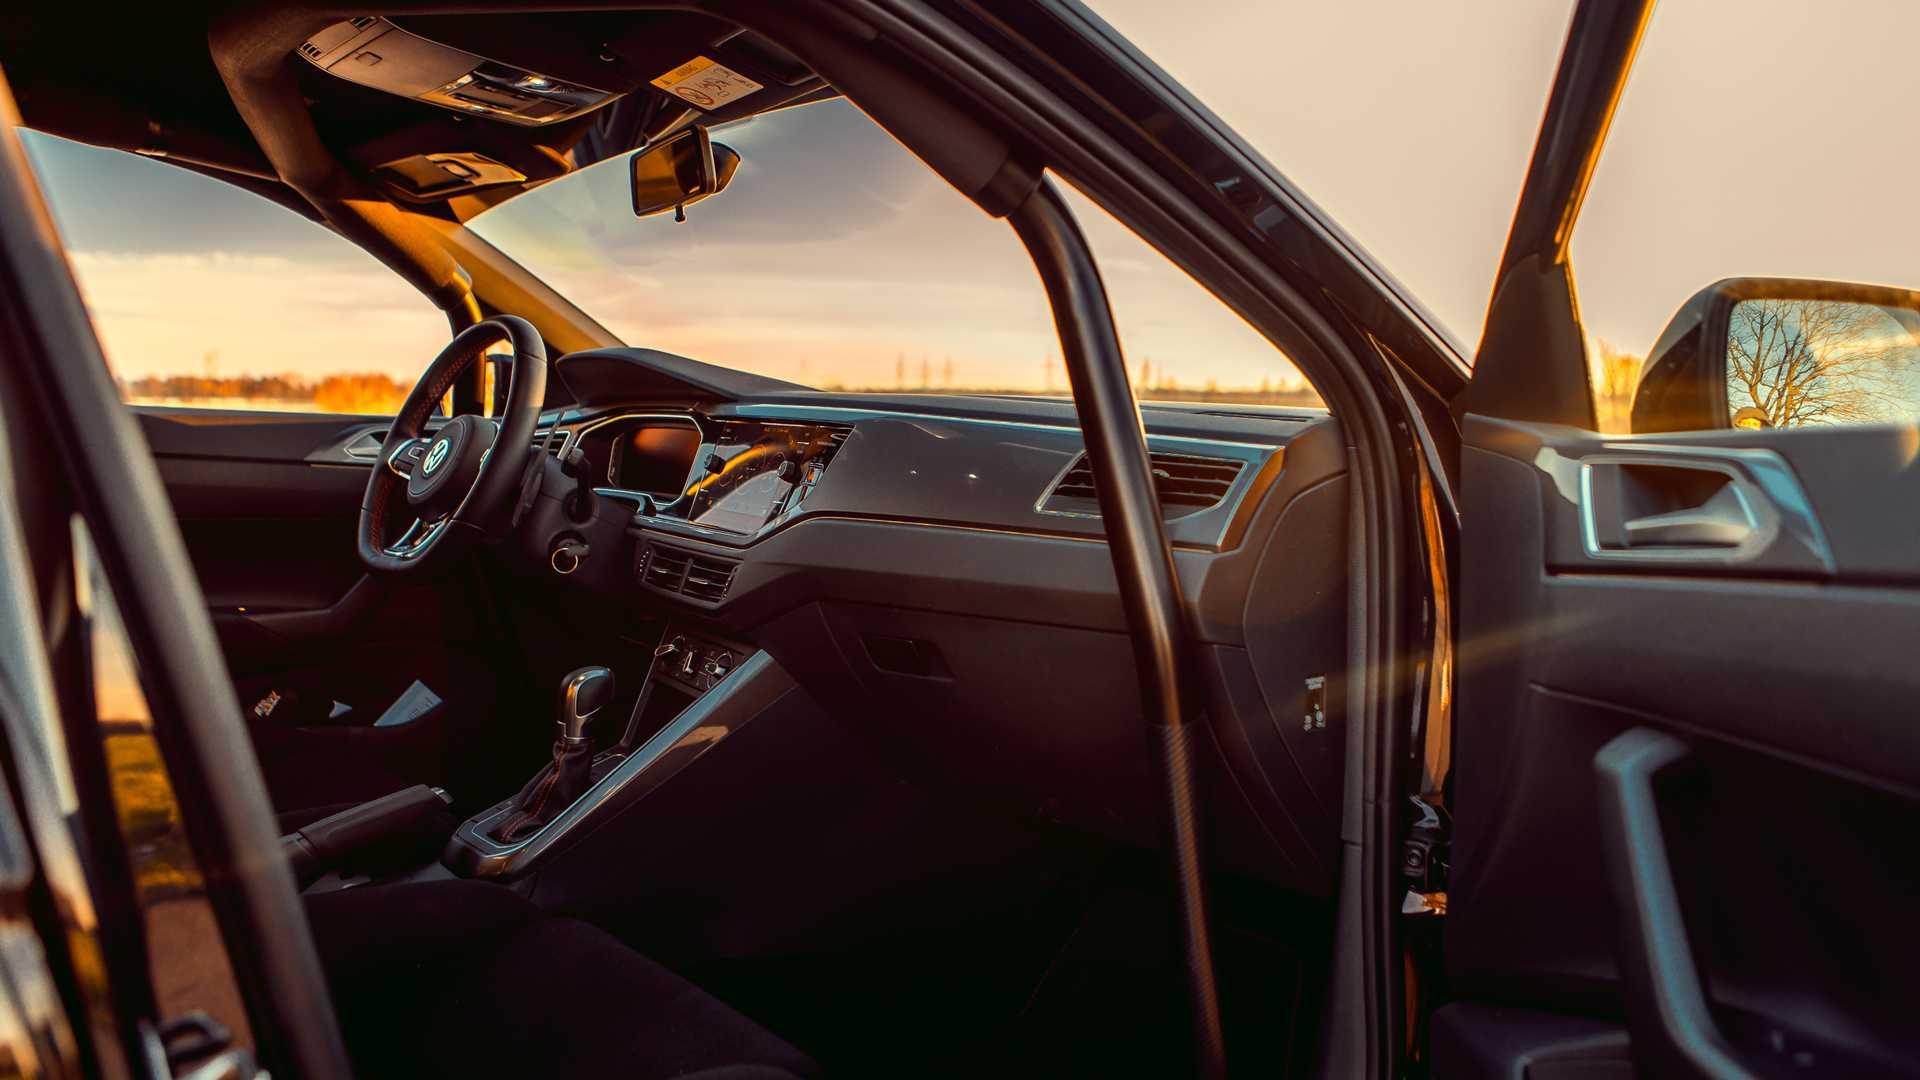 Volkswagen-Polo-GTI-by-Siemoneit-Racing-10